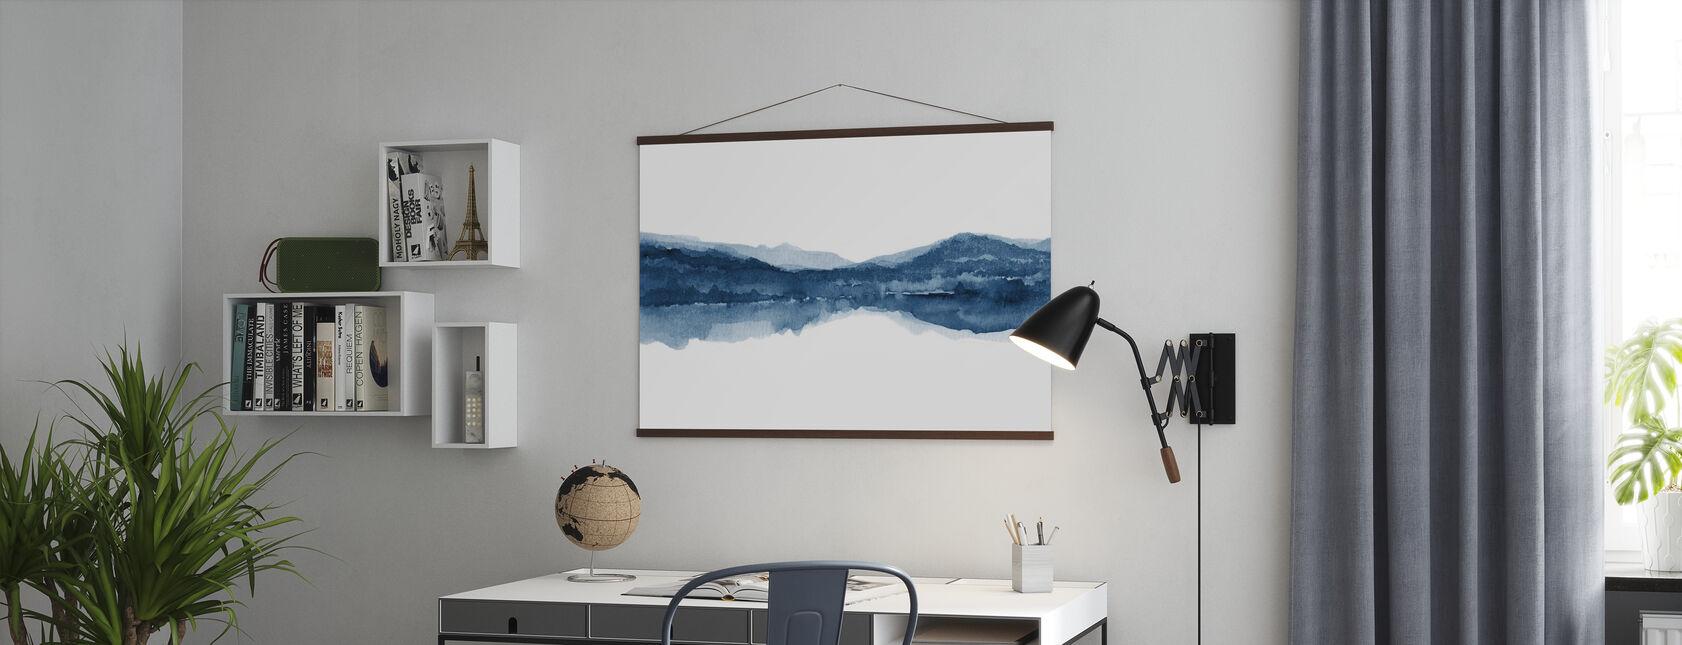 Aquarel Landschap II - Marineblauw - Poster - Kantoor